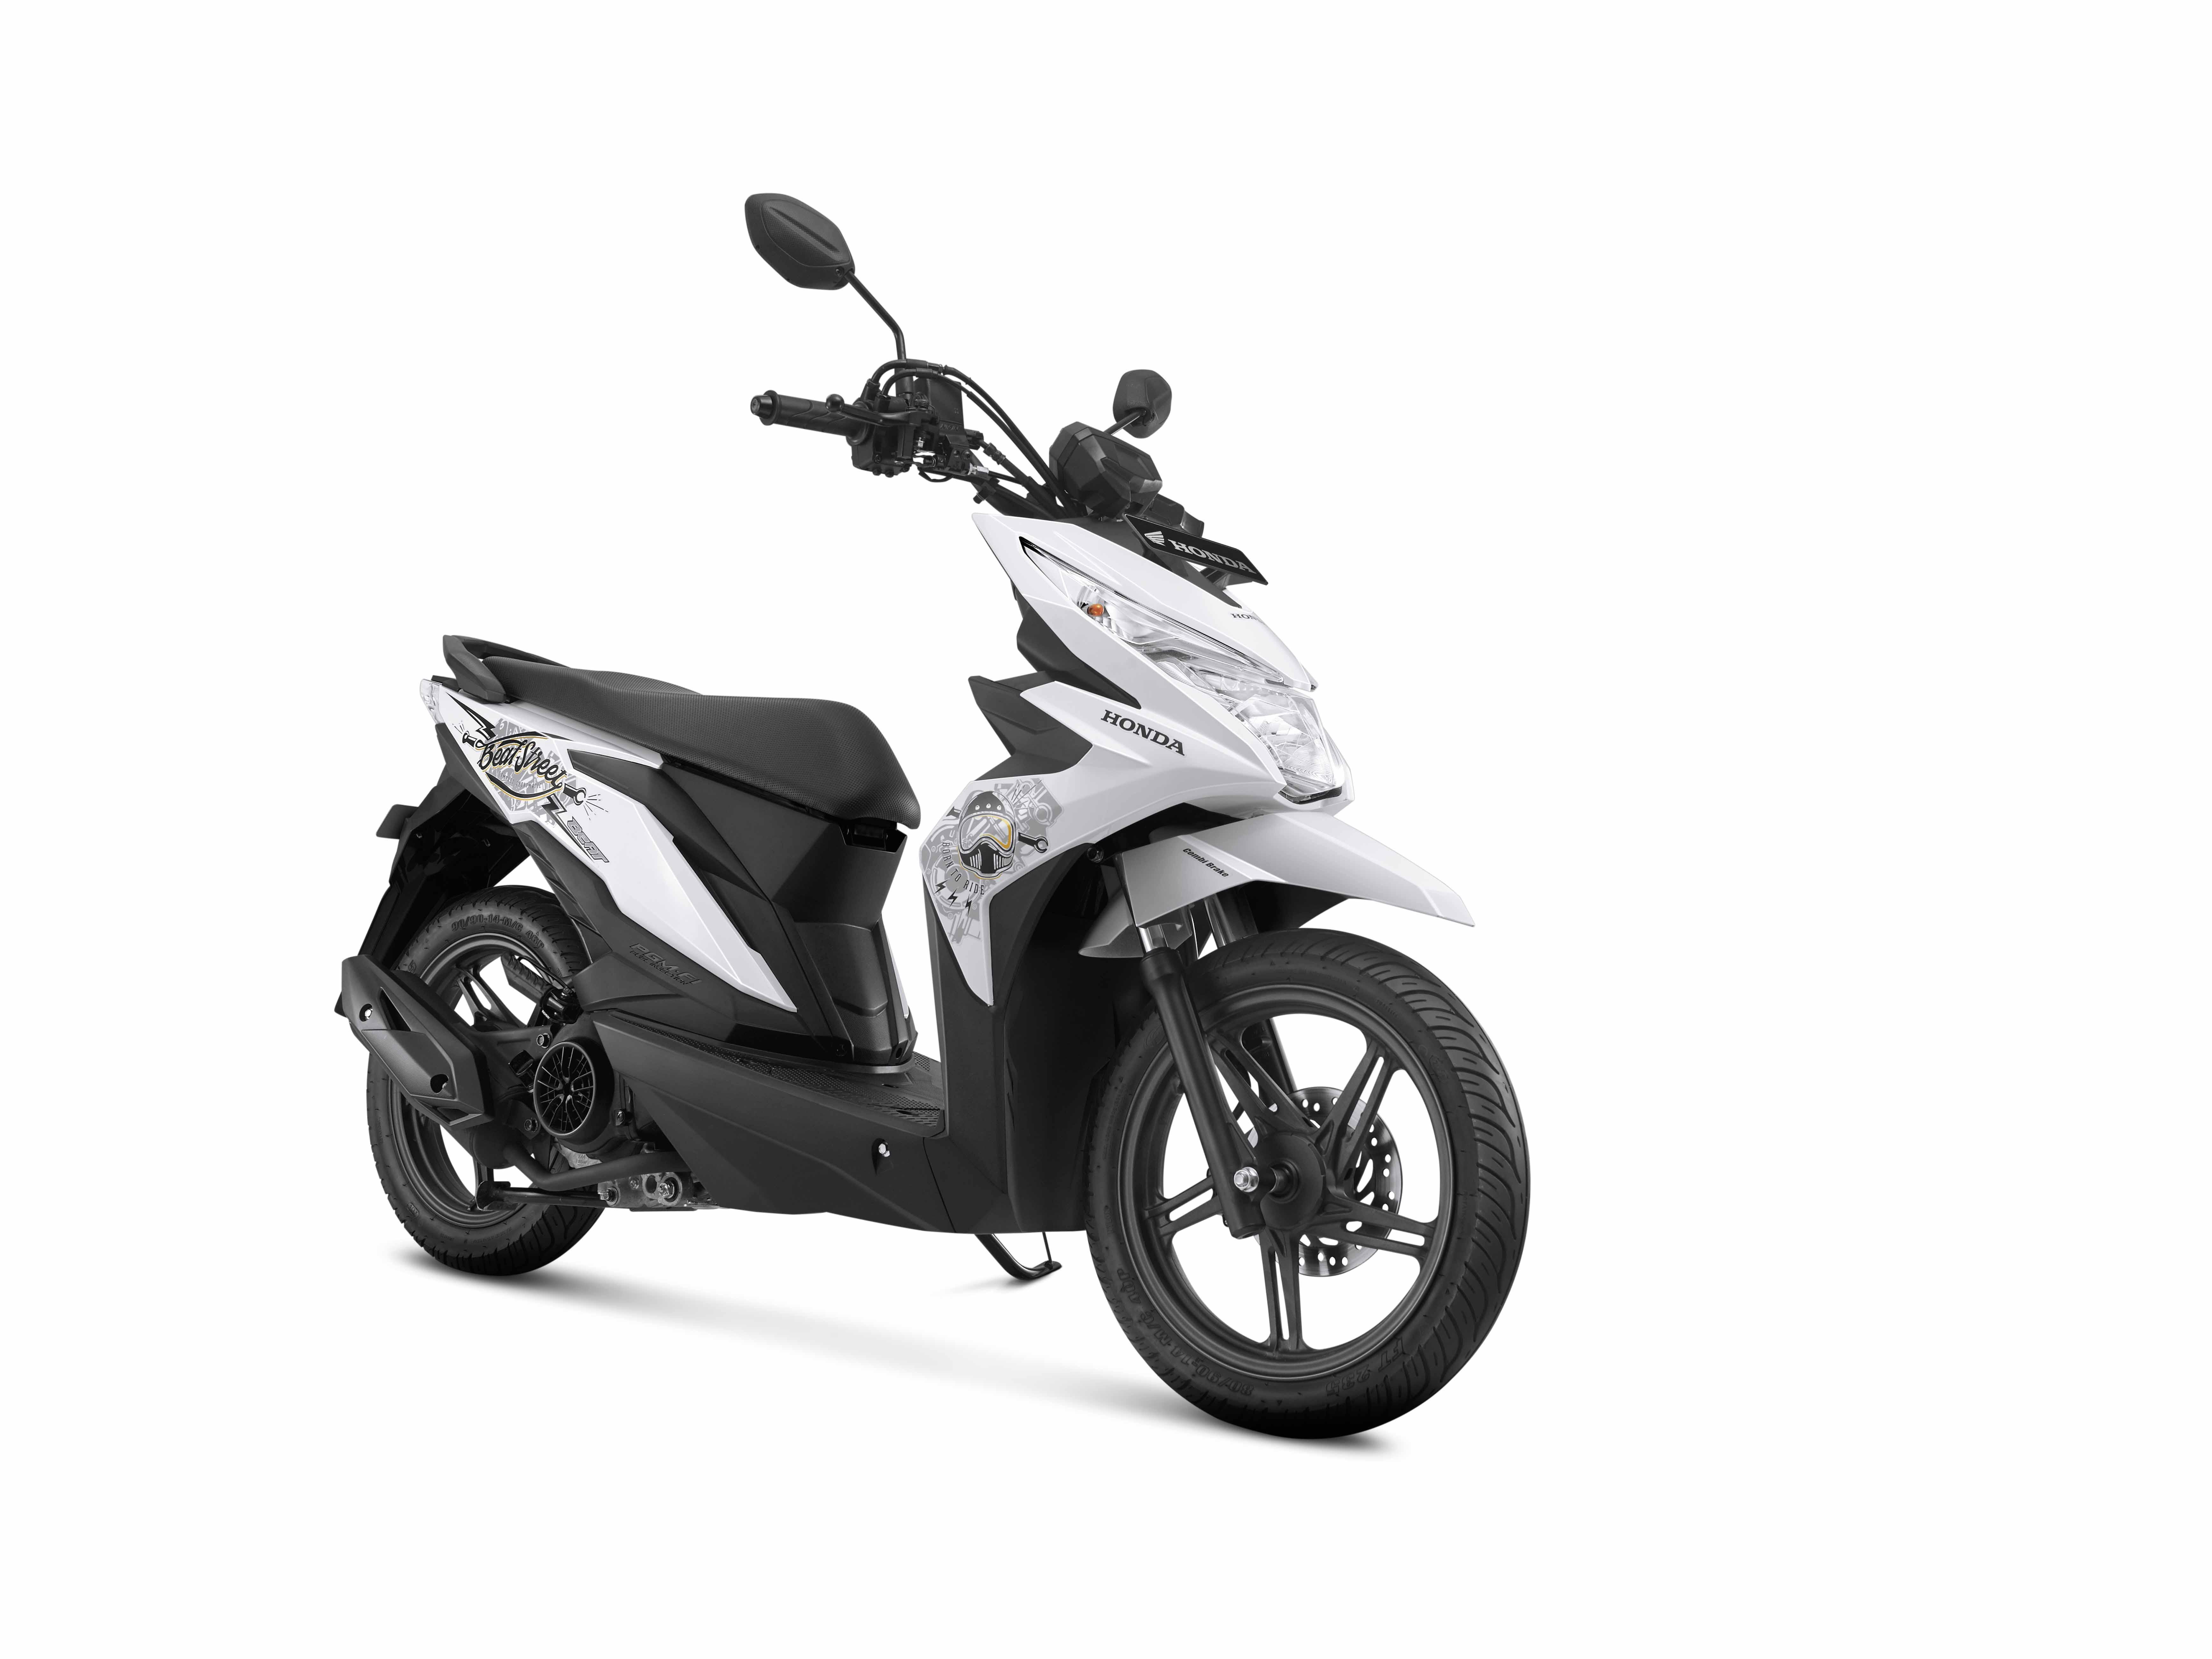 Modifikasi Motor Honda Beat Street Esp 2017 Terlengkap Era